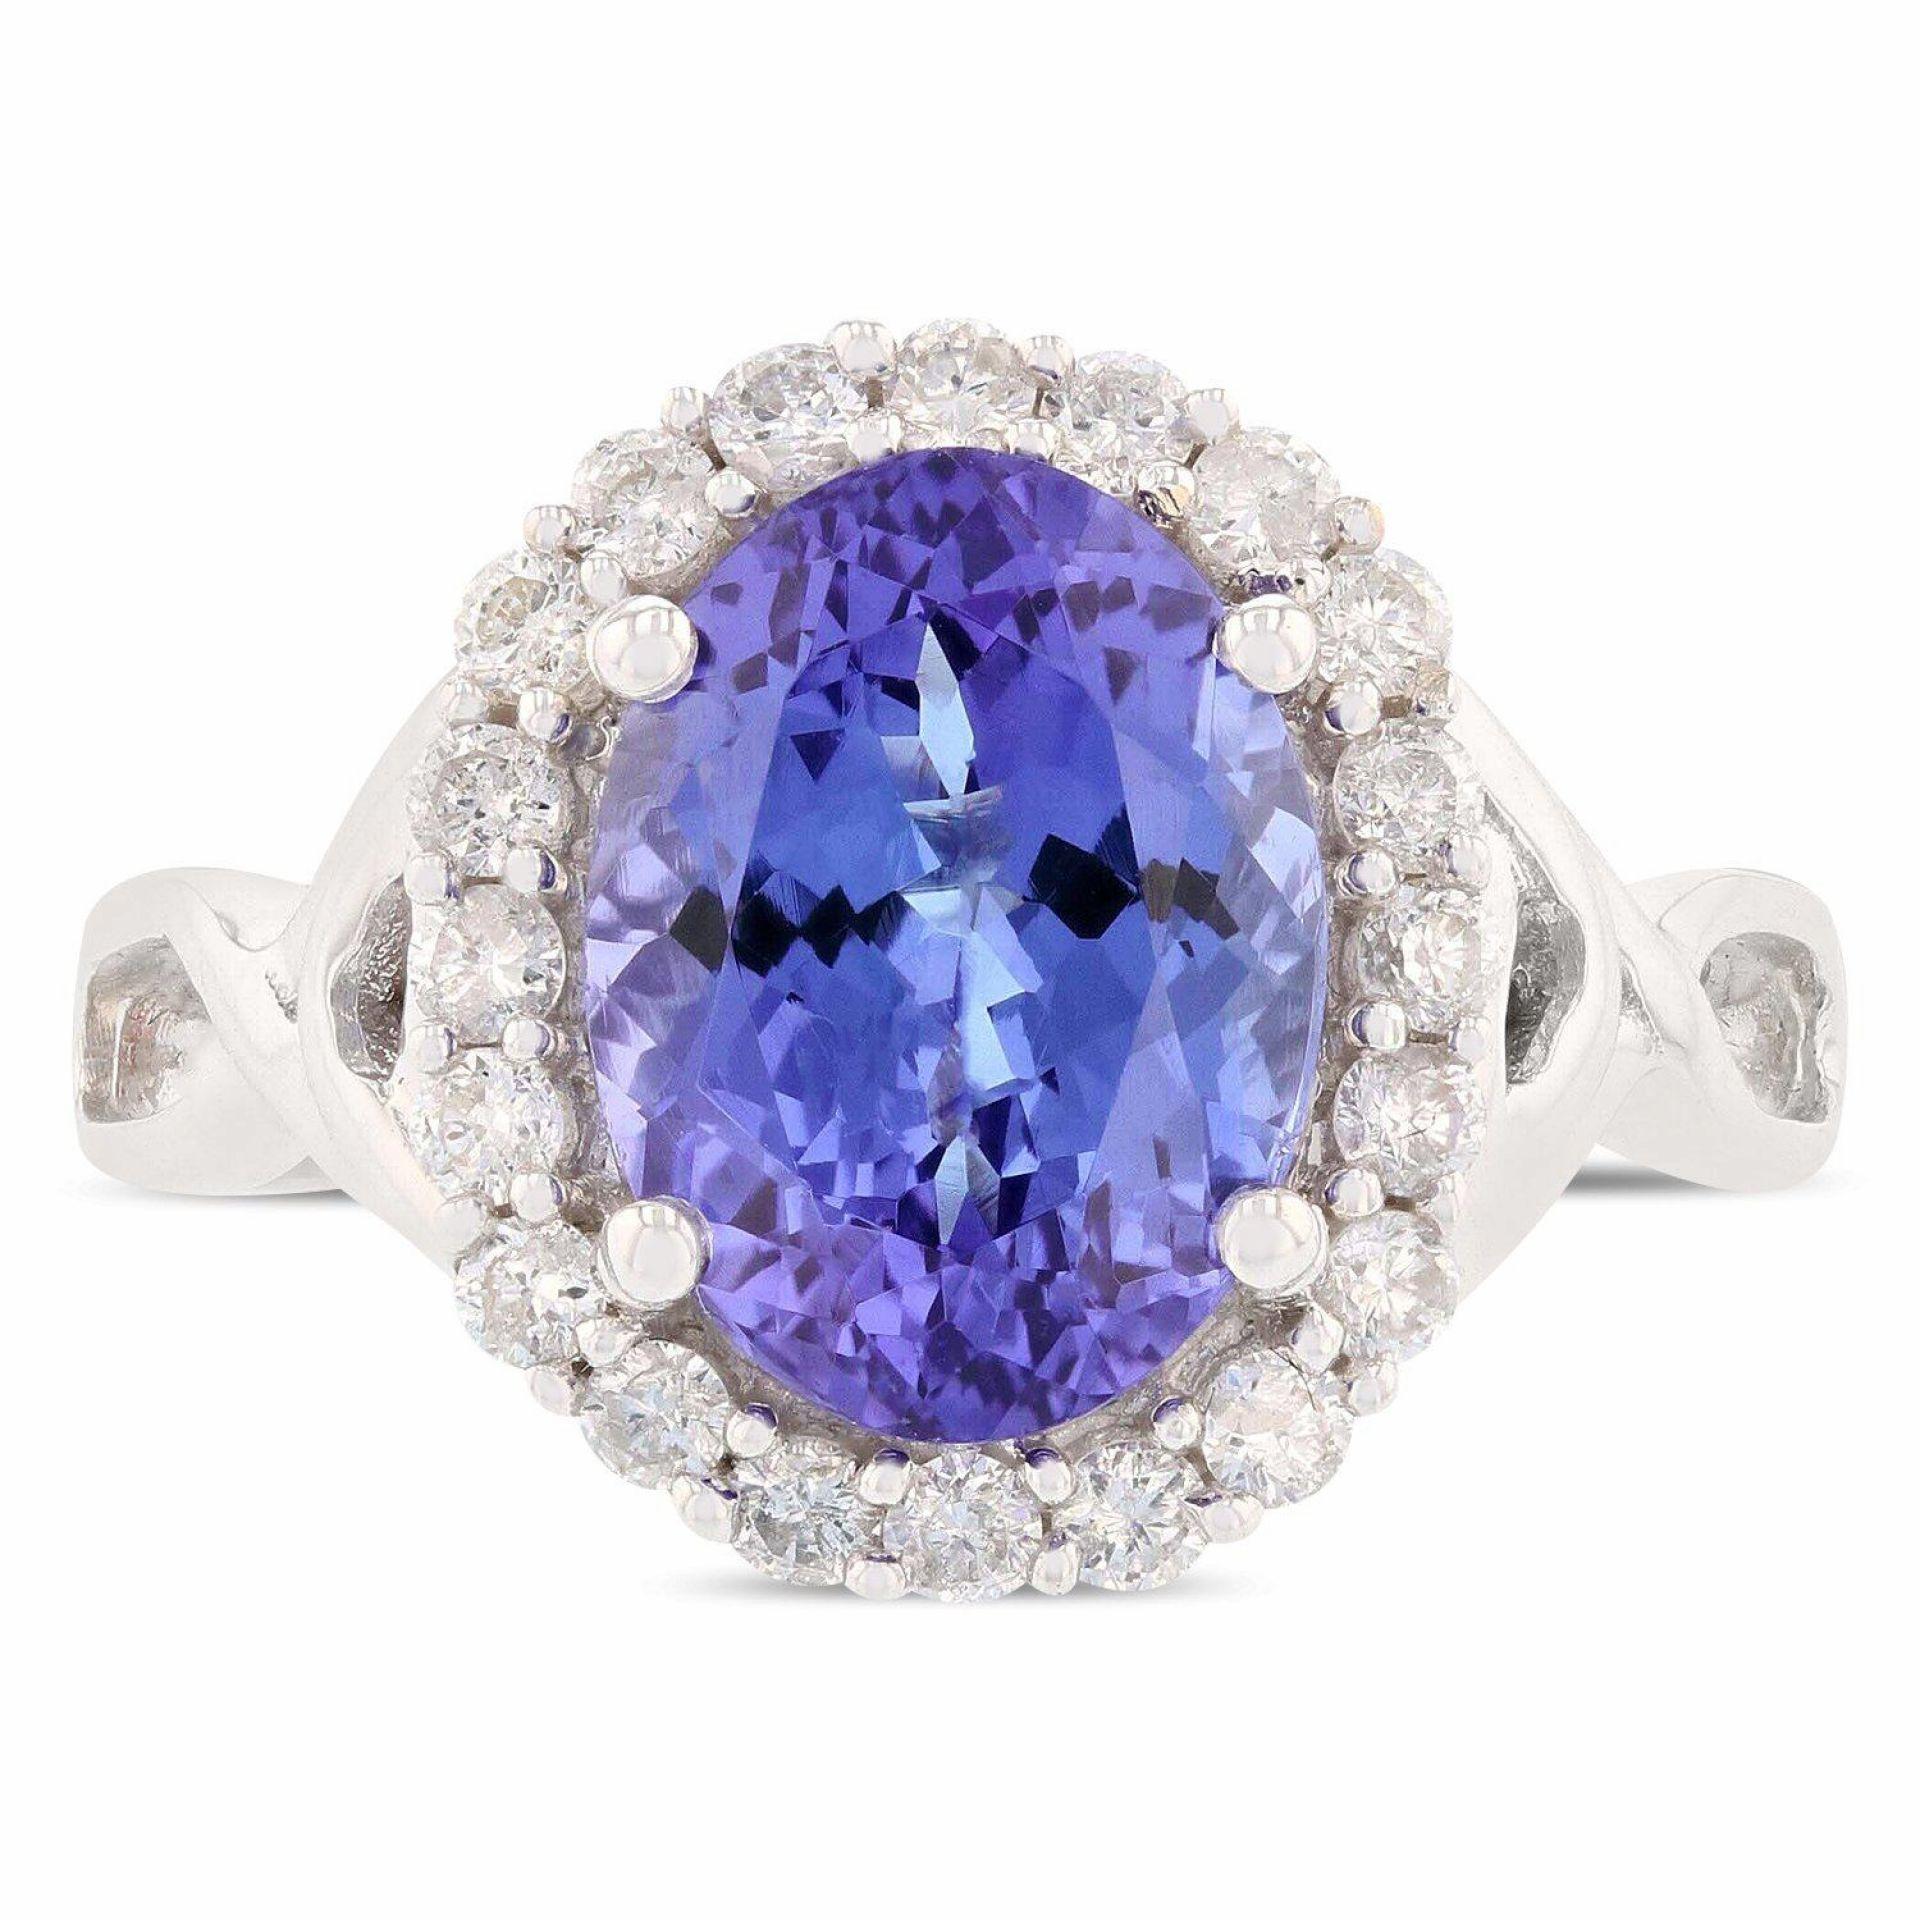 3.71ct Tanzanite and 0.45ctw Diamond 14K White Gold Ring